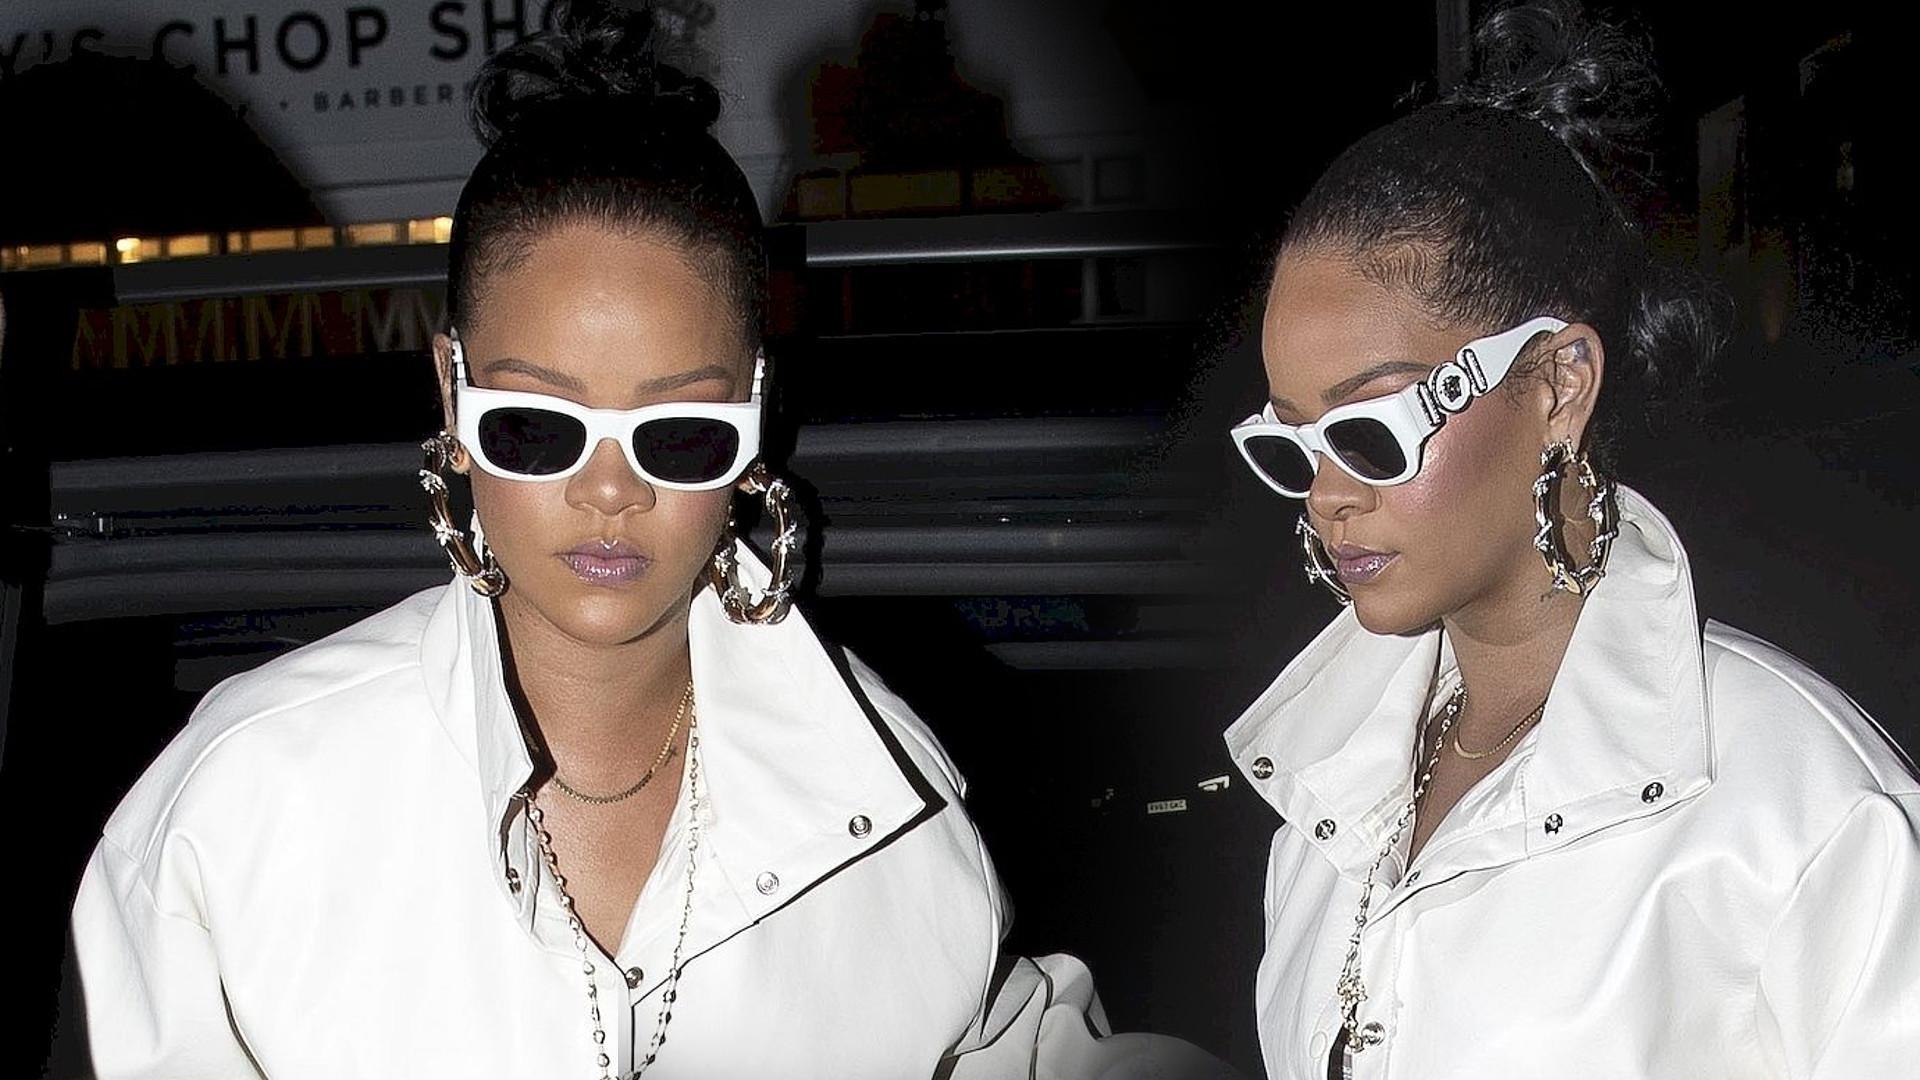 Rihanna jest w CIĄŻY? Zrobiła to, co wiele gwiazd, gdy spodziewają się dziecka (ZDJĘCIA)